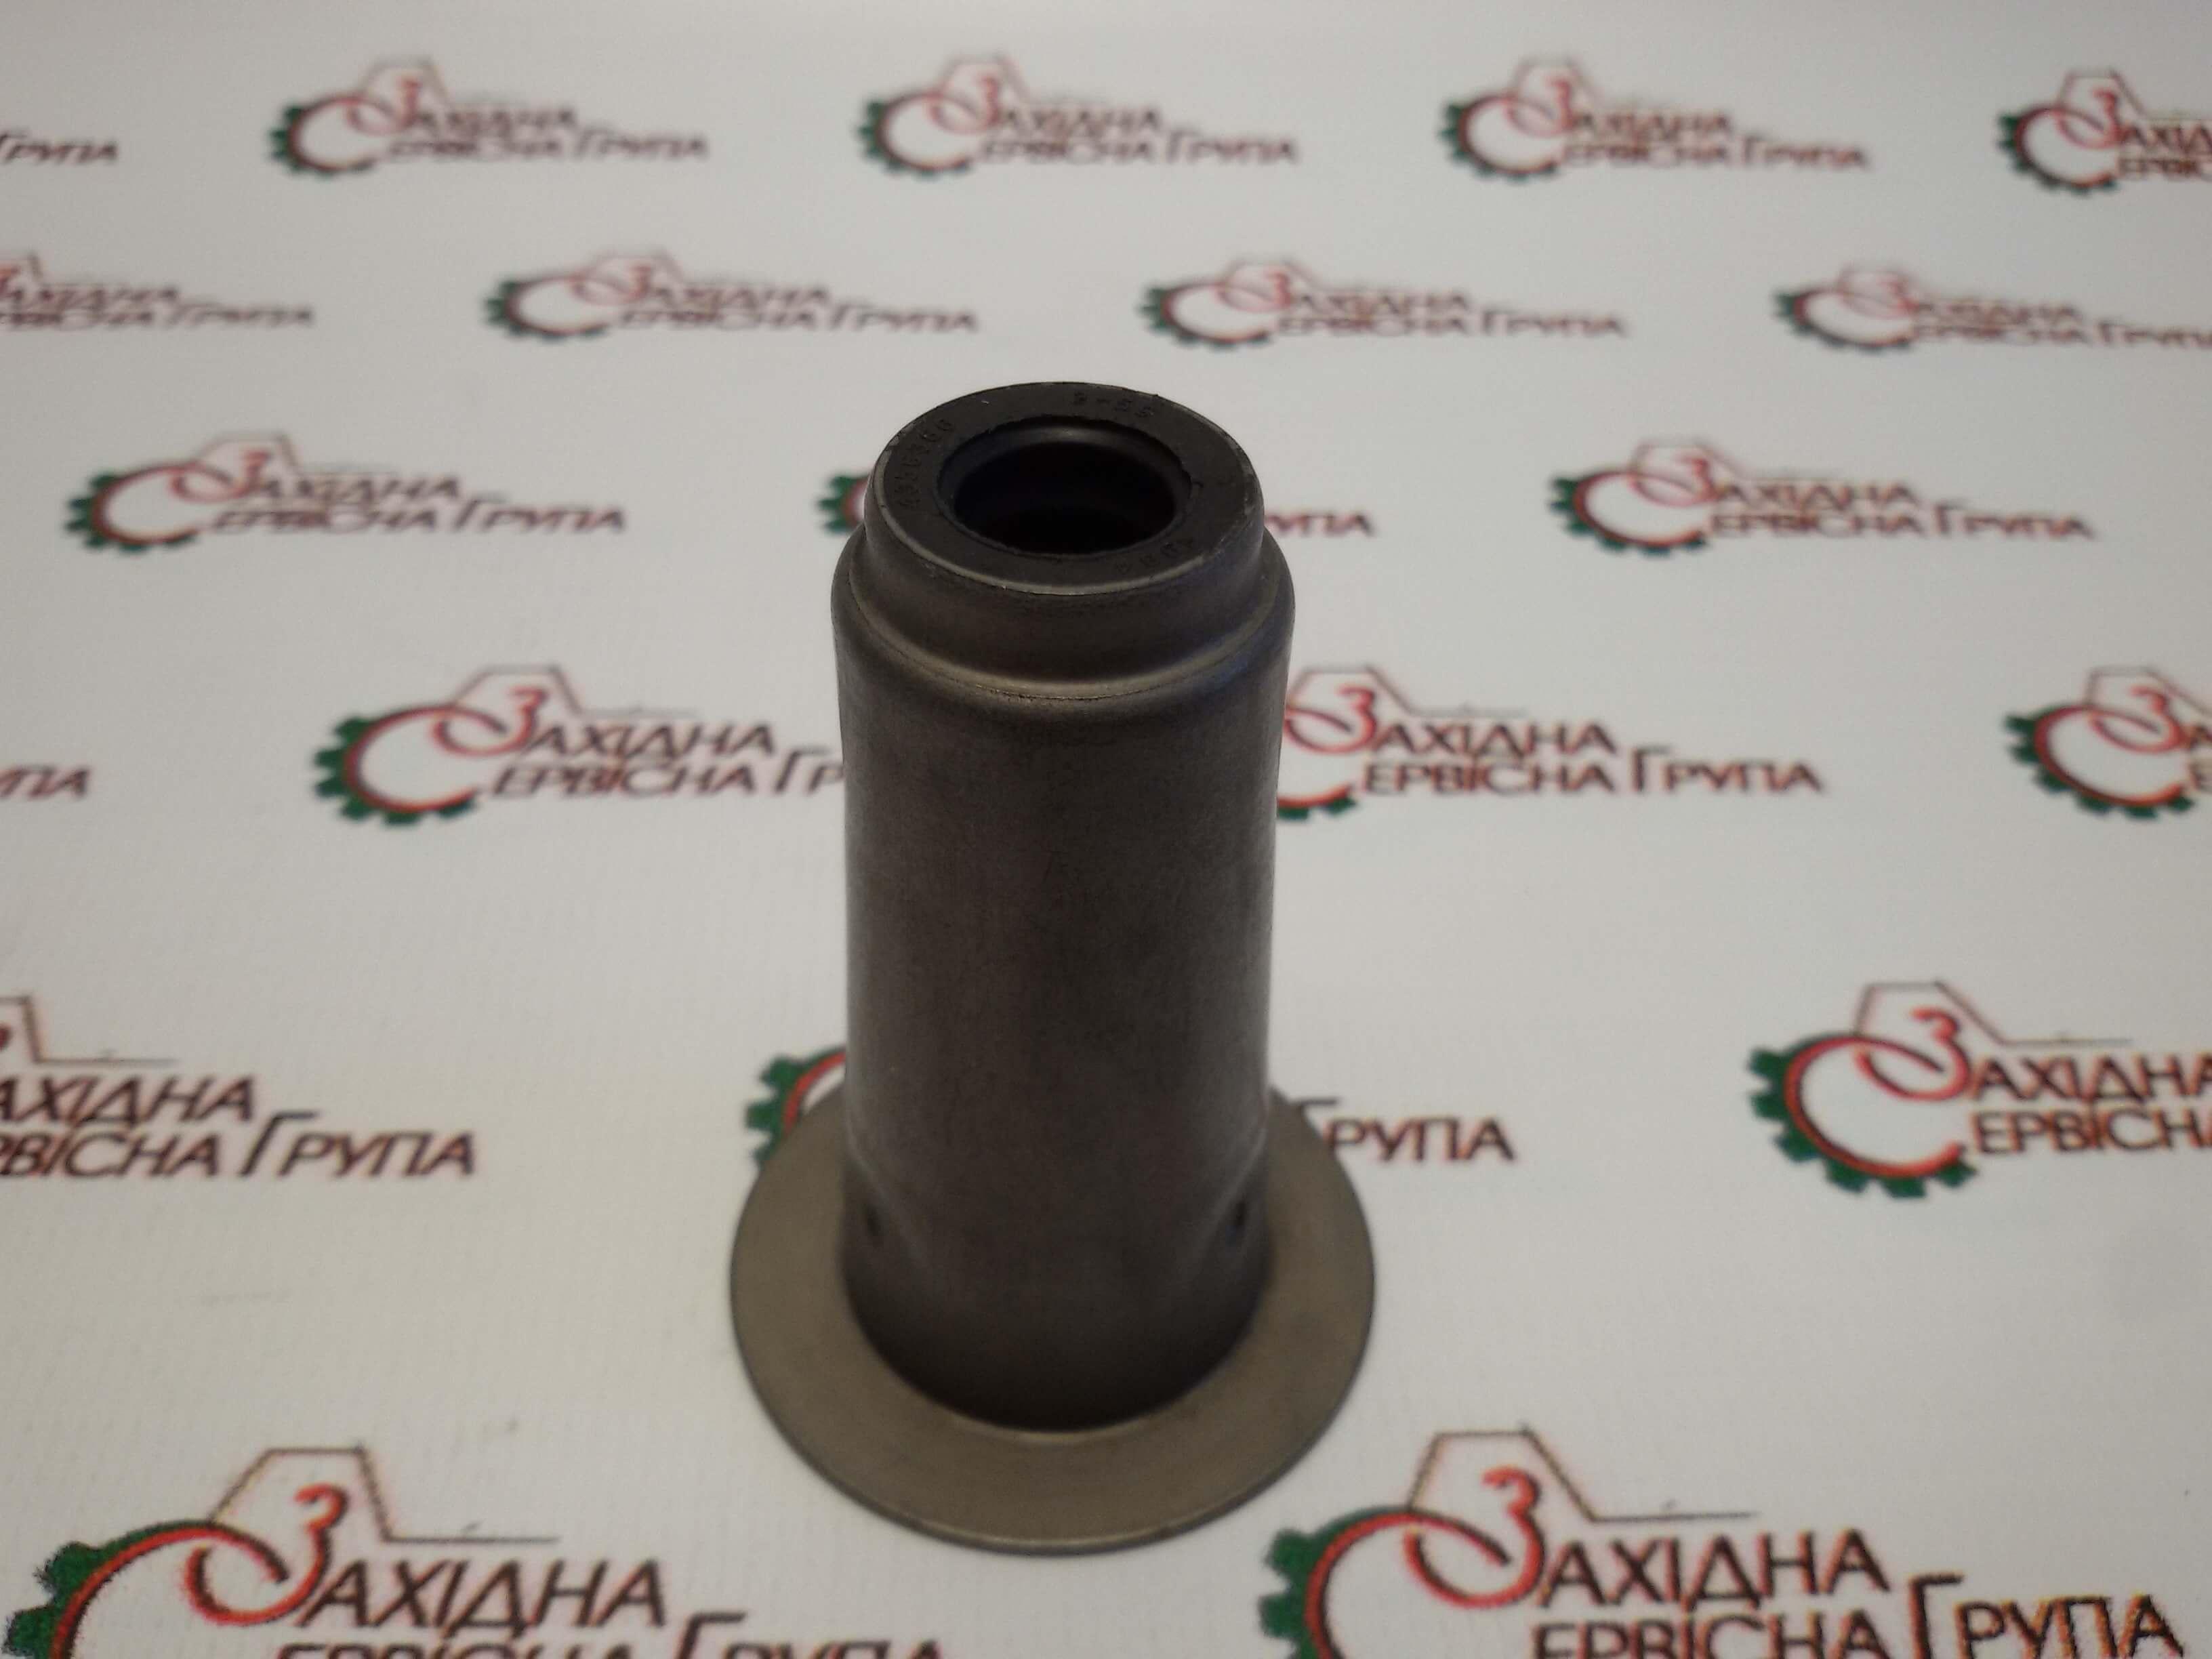 Сальник клапана Cummins ISX15, QSX15, 4356366, 4312008, 4026791.